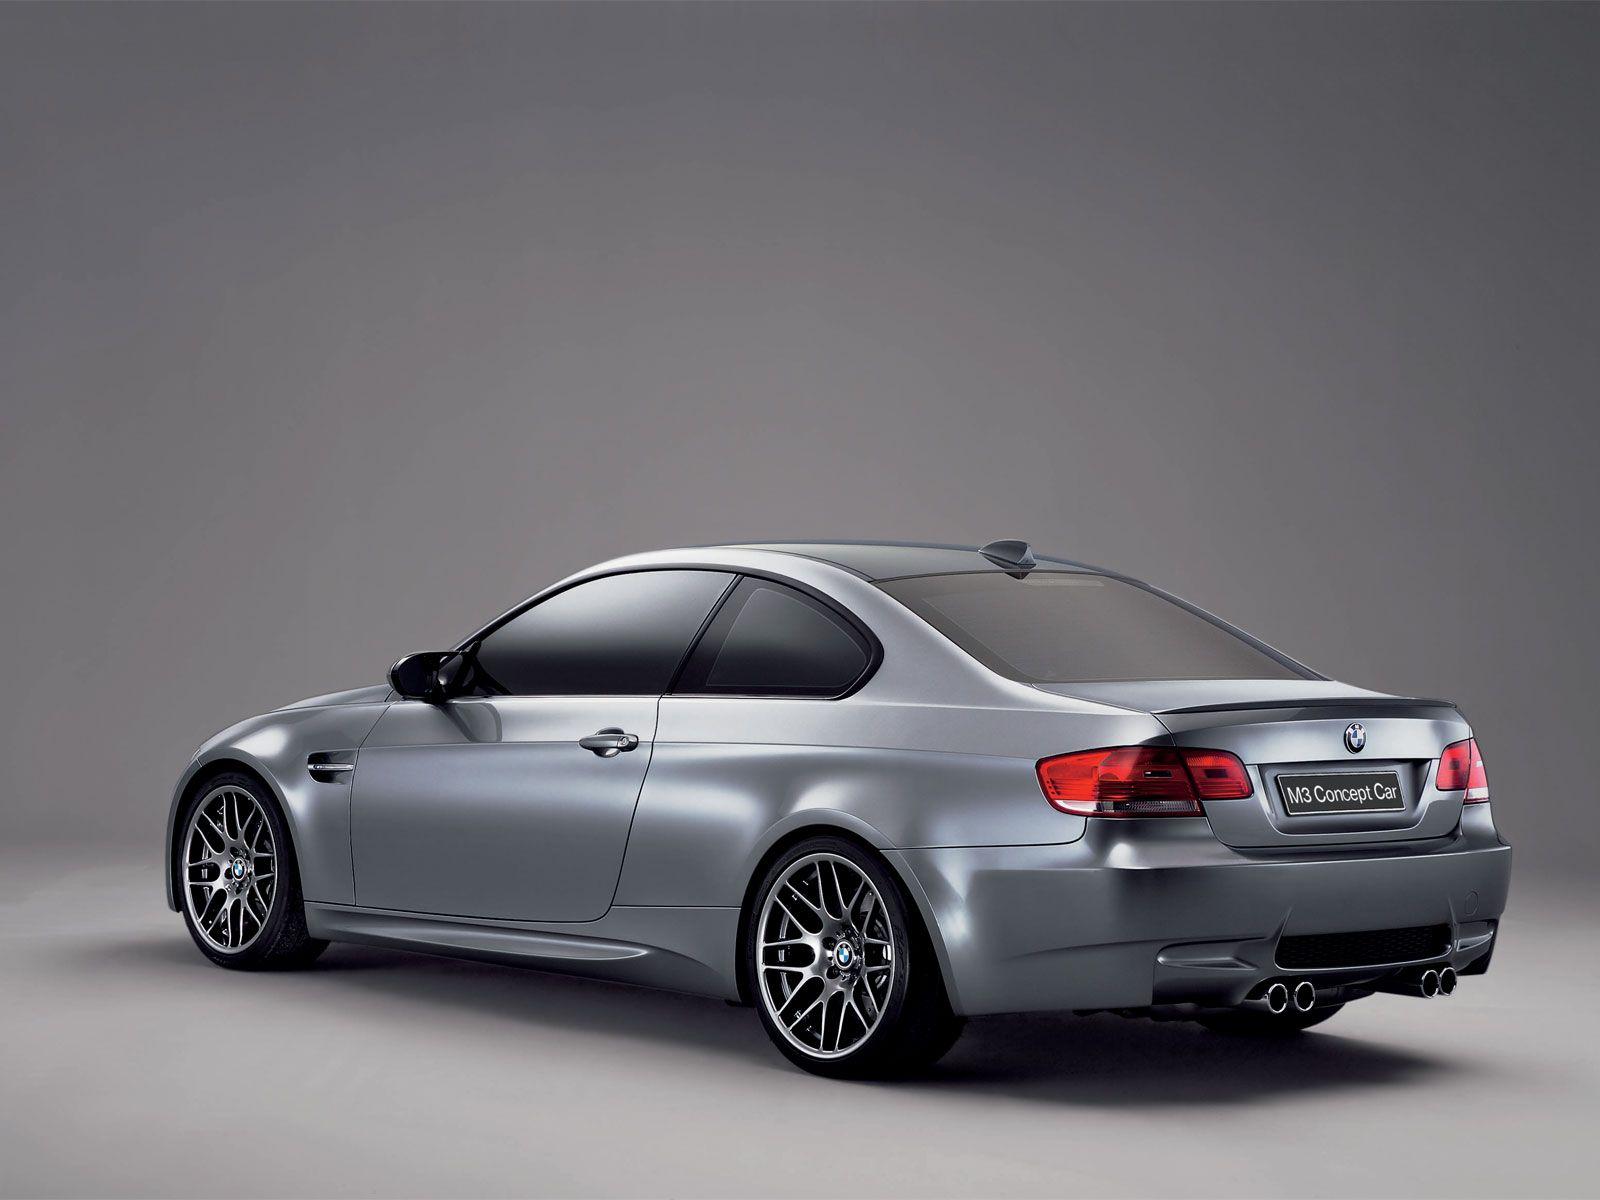 2007 Bmw M3 Concept Bmw M3 Coupe Bmw M3 Bmw Concept